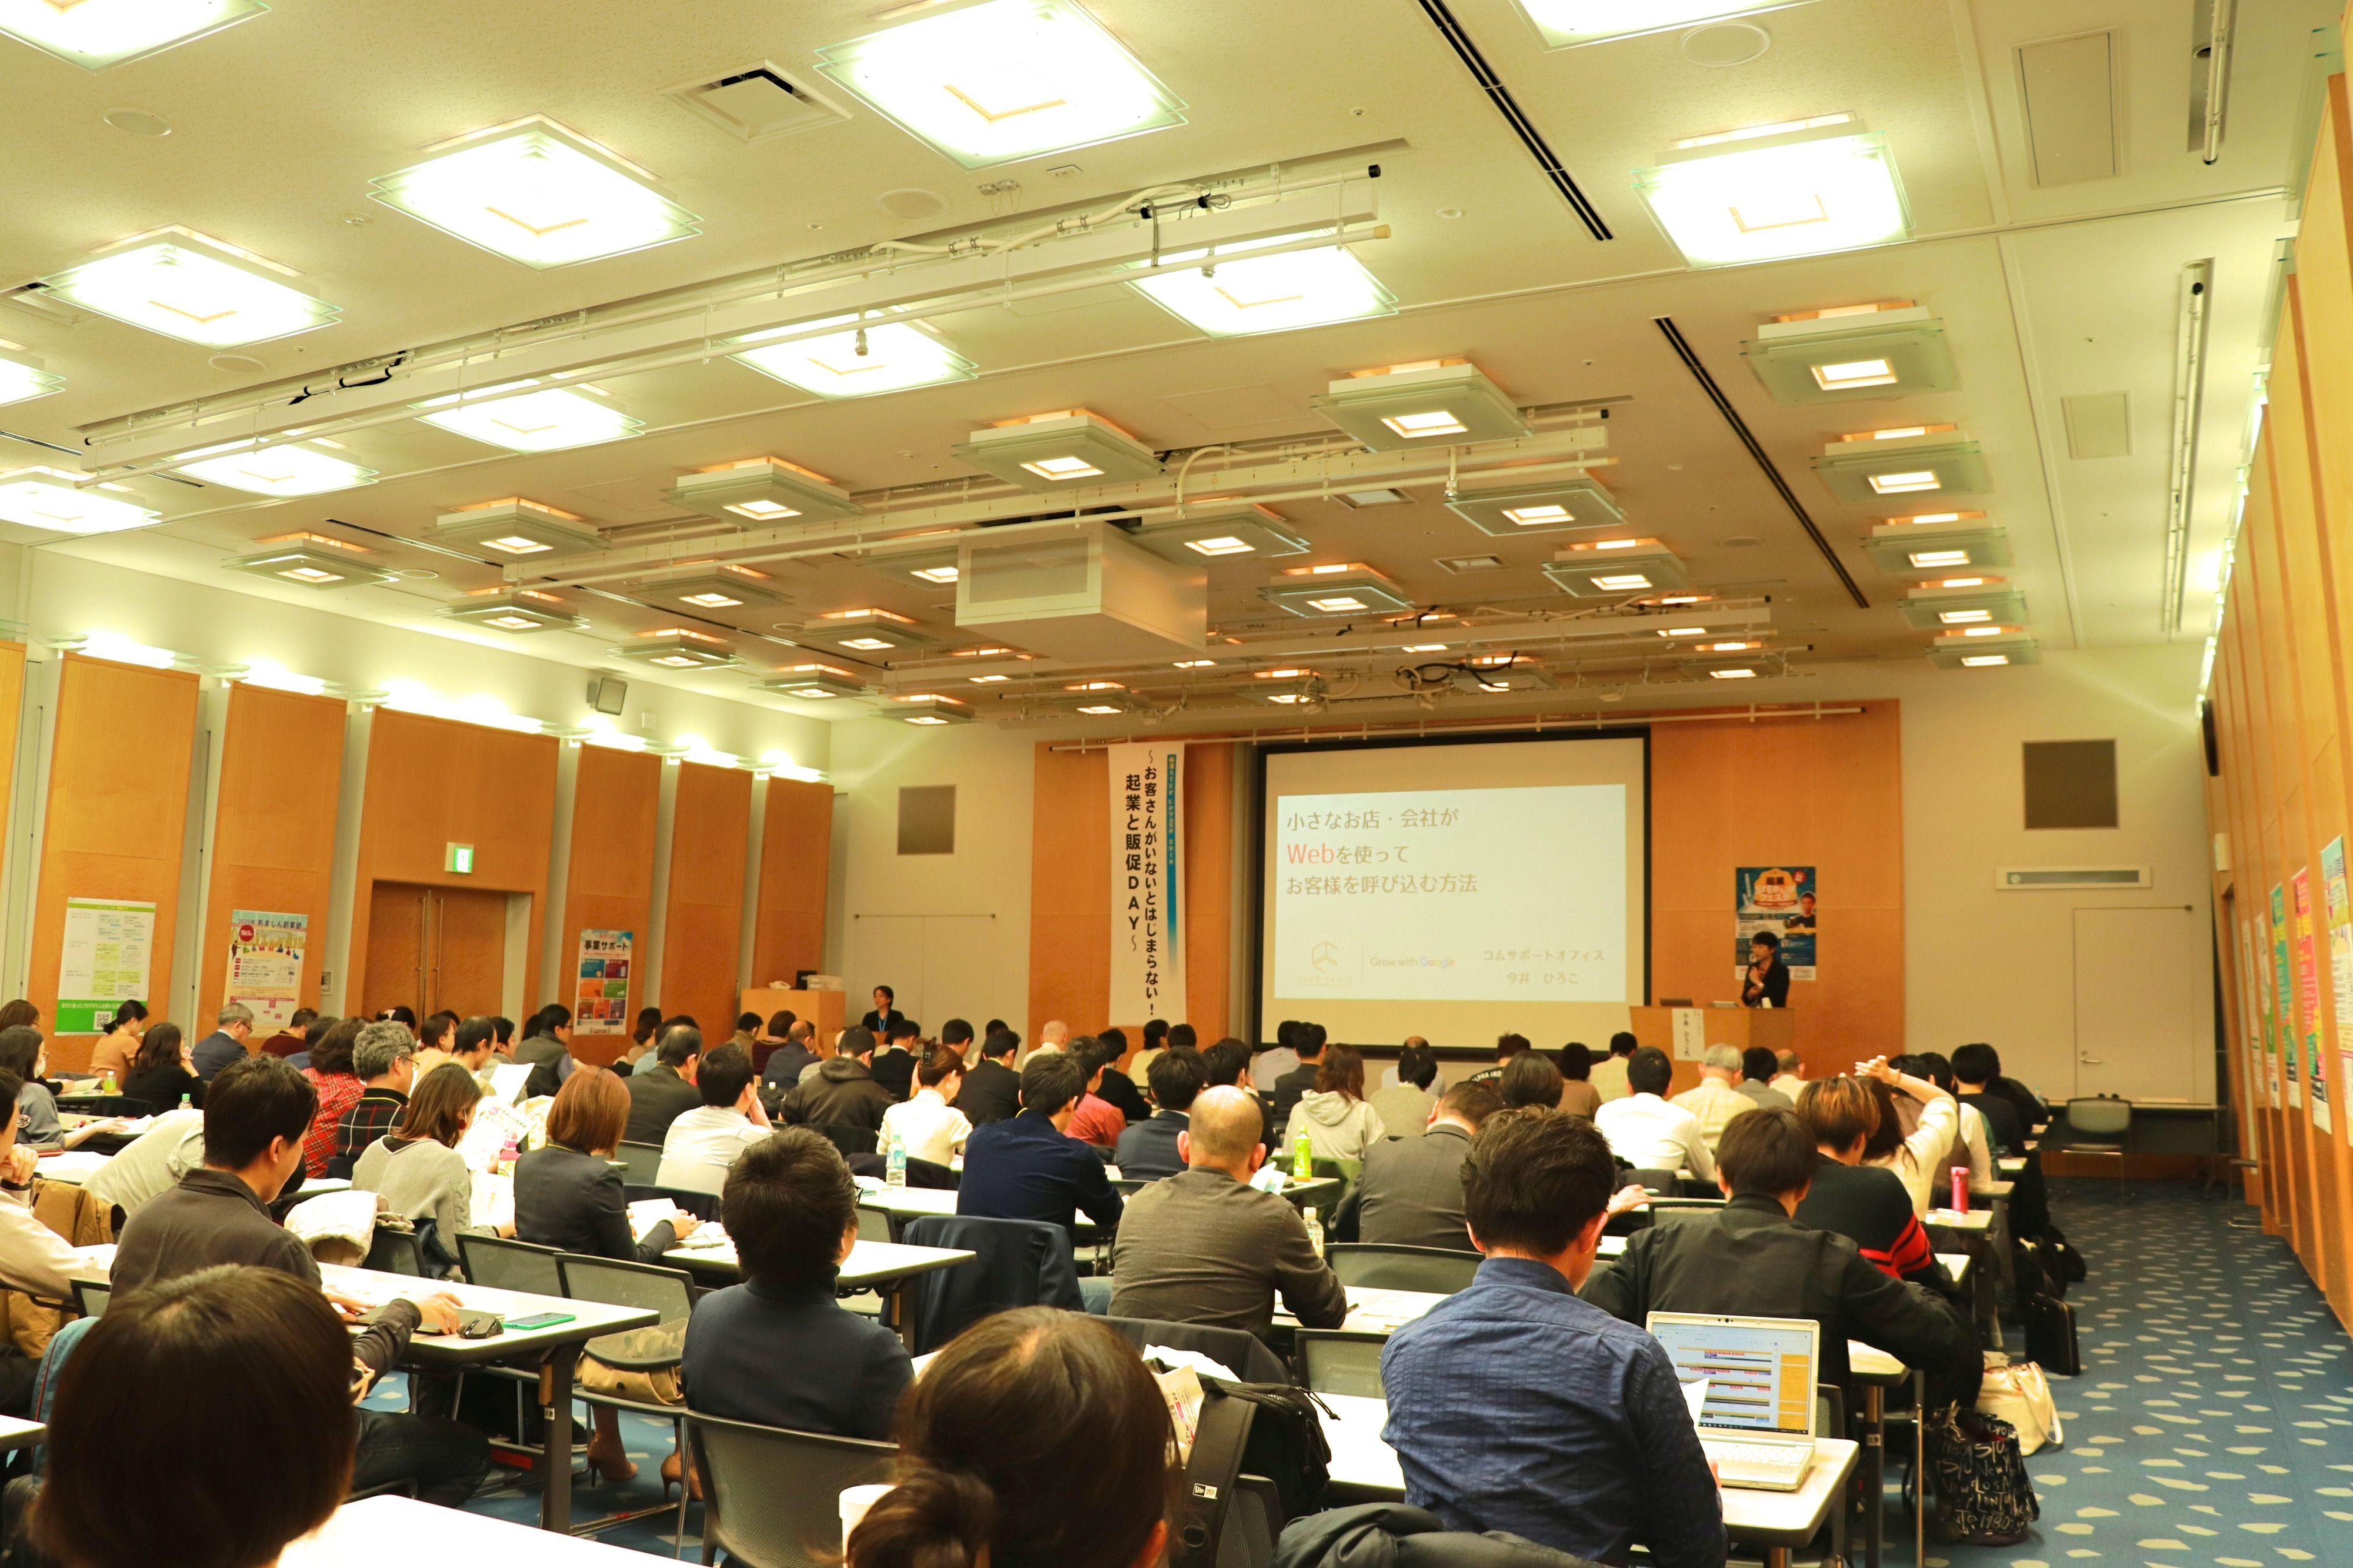 起業STEPUPフェスタ2019 大阪産創館 コムサポートオフィス